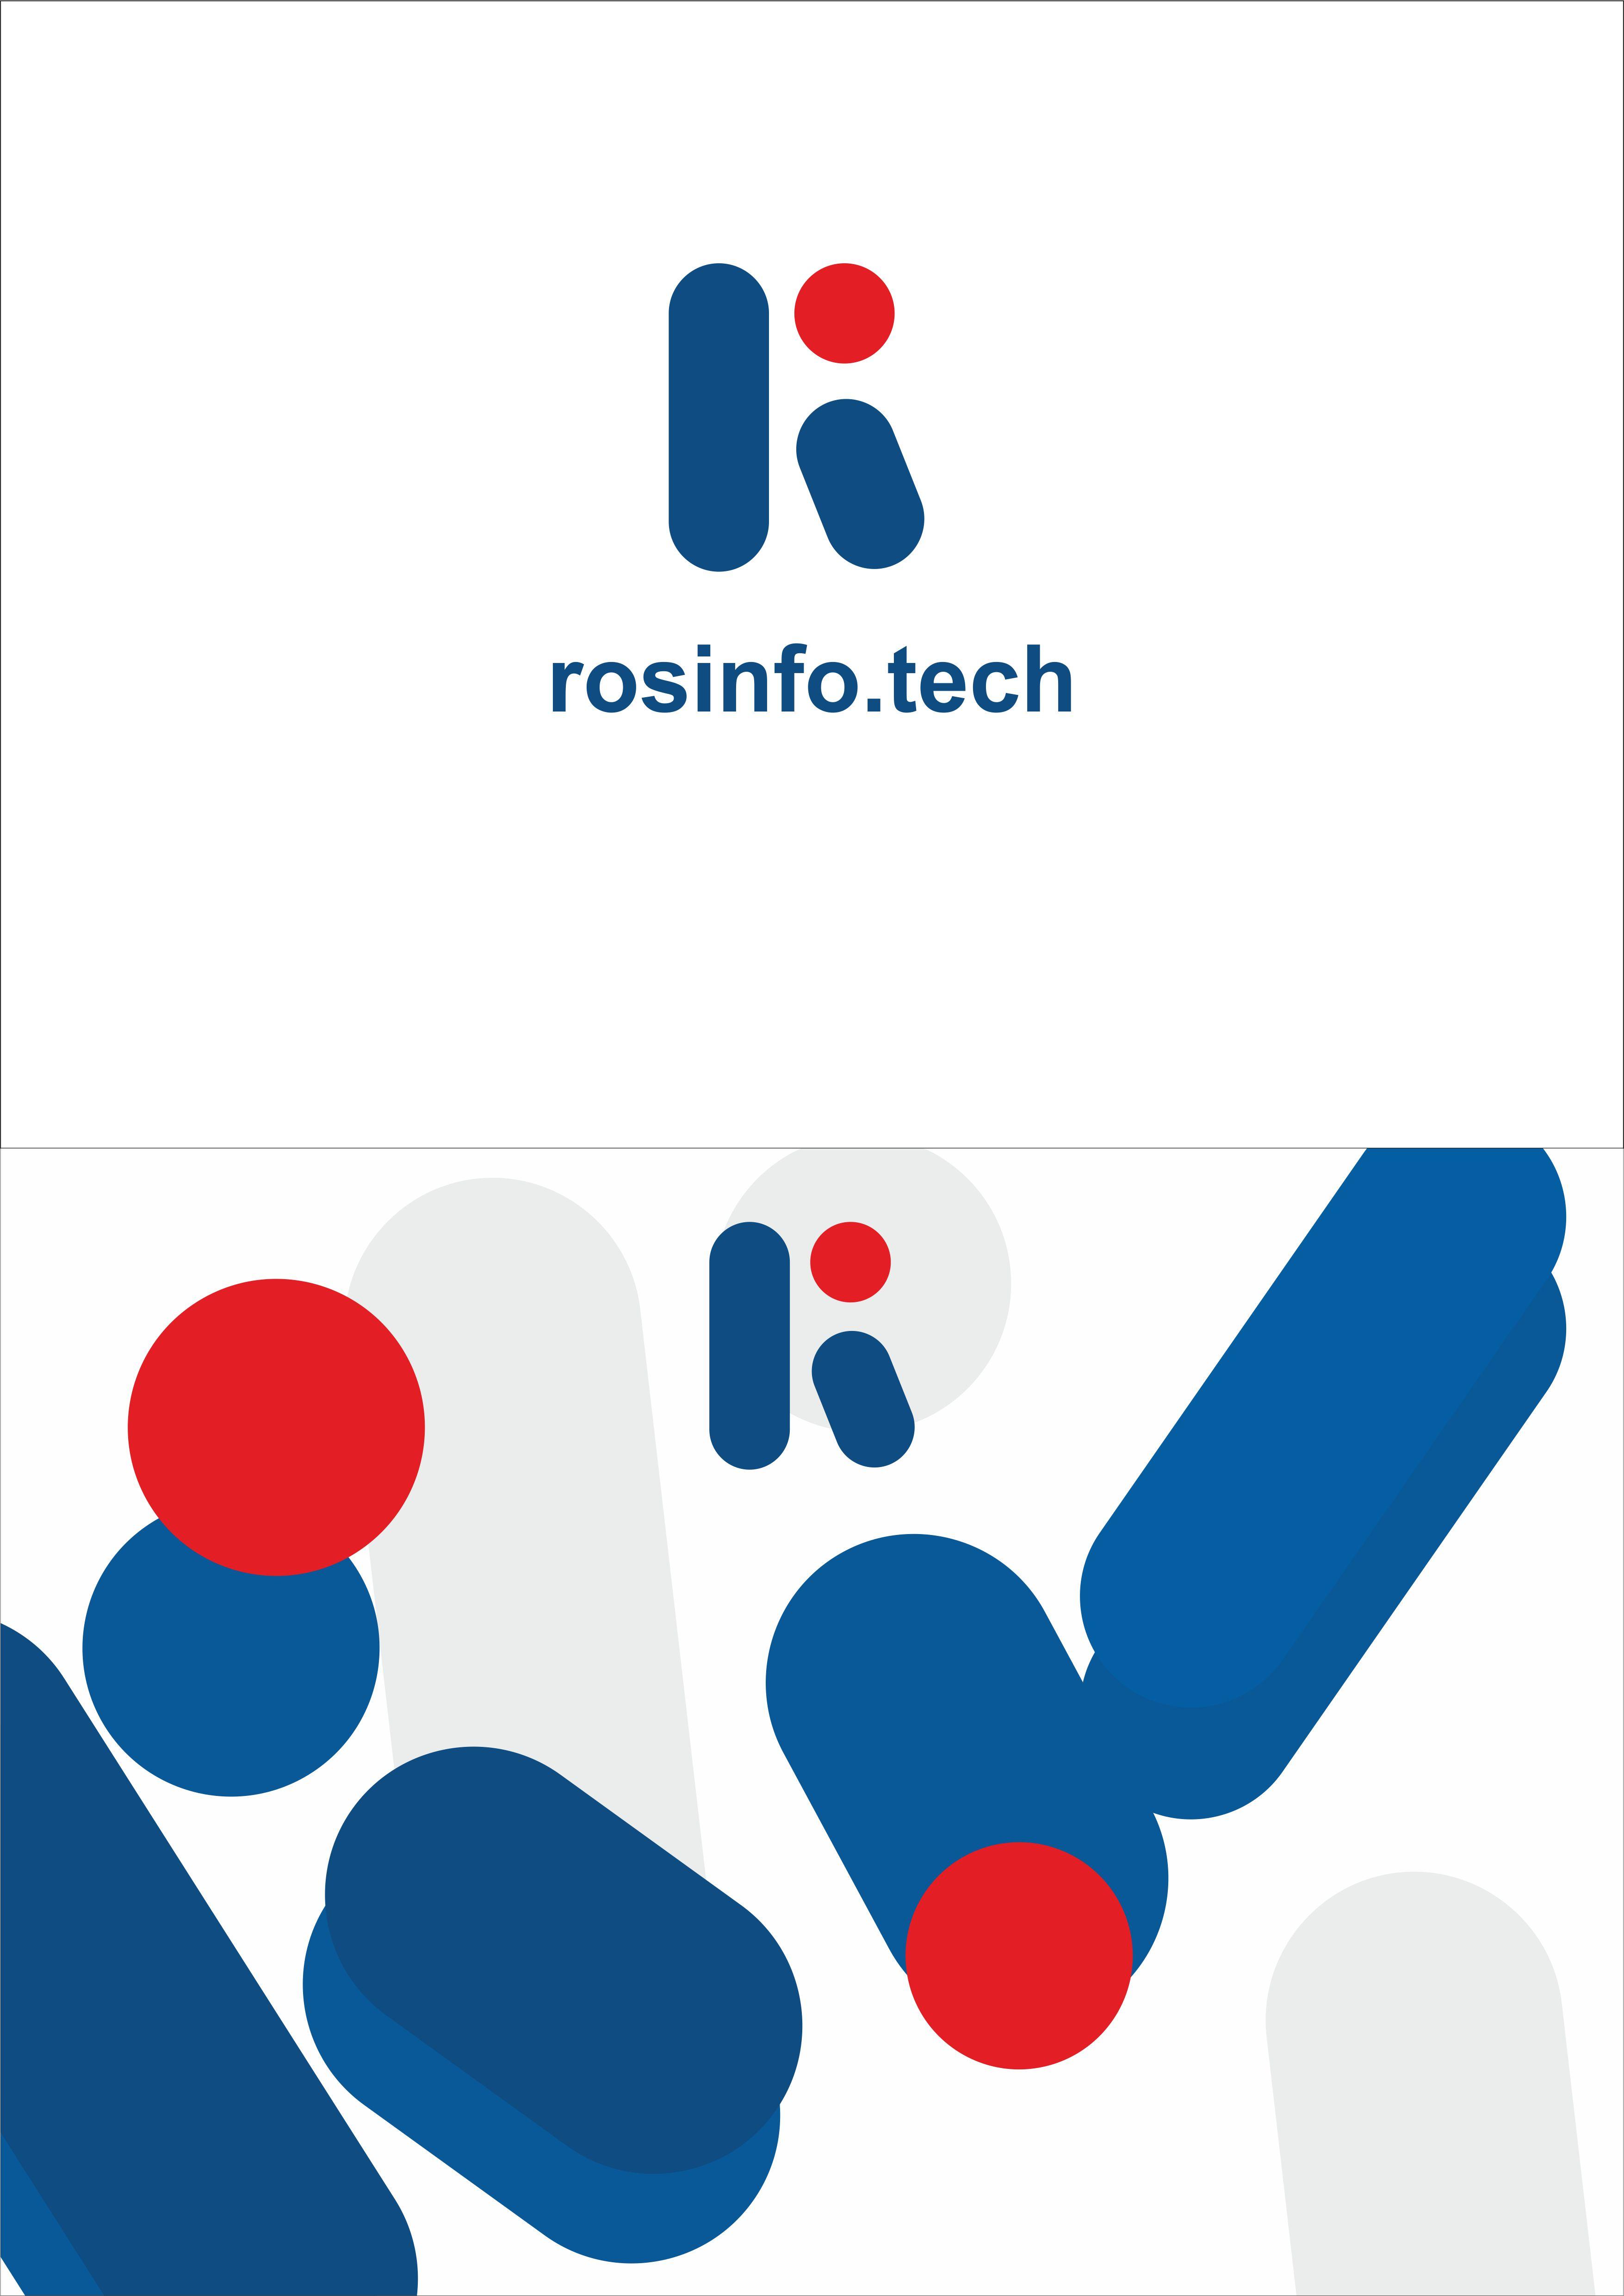 Разработка пакета айдентики rosinfo.tech фото f_4135e1f4d5a64885.jpg